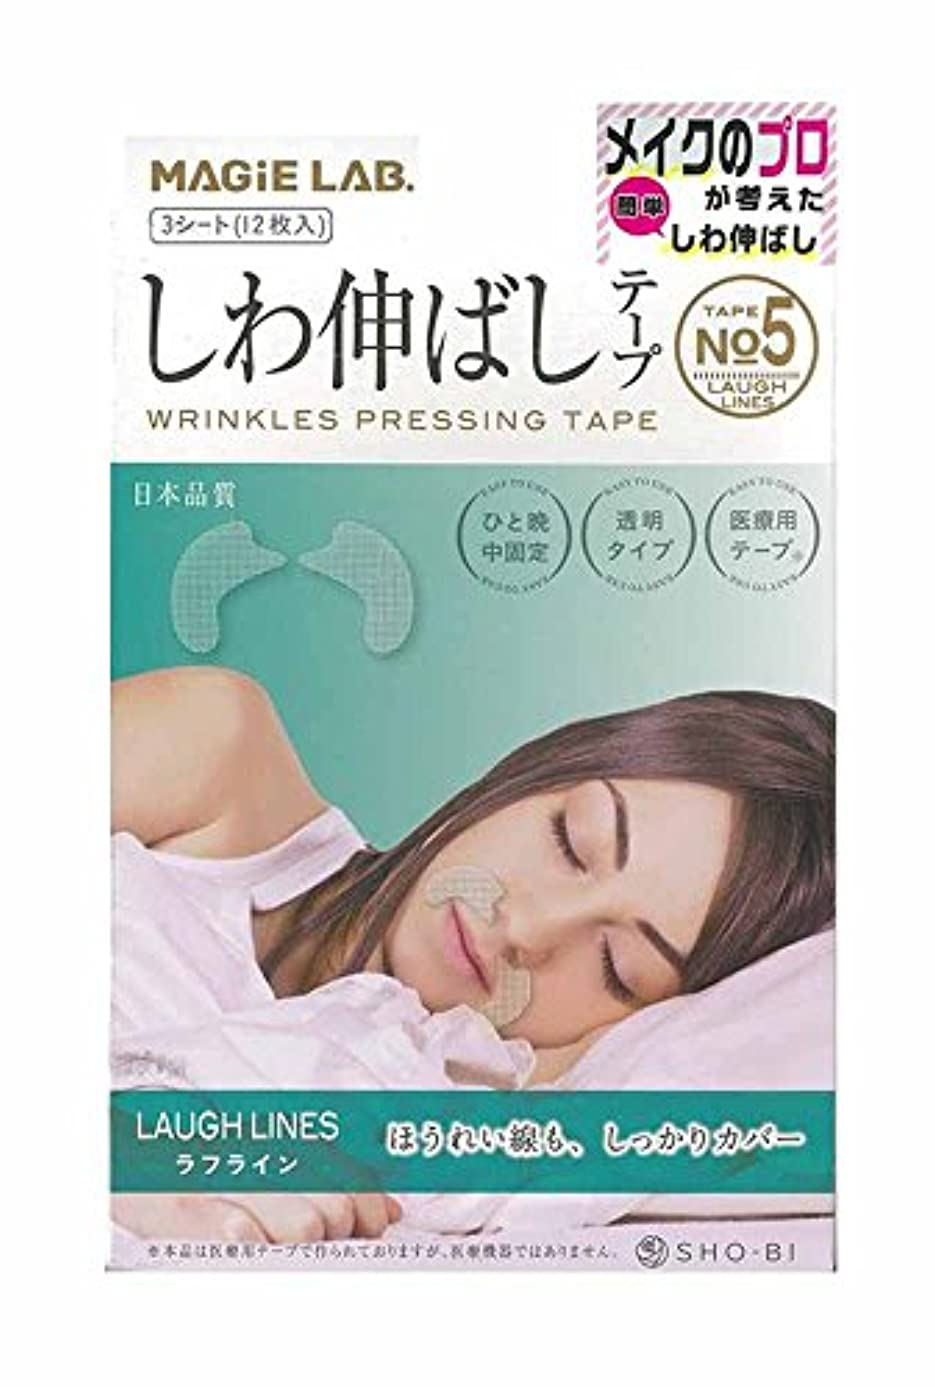 油論理タワーMAGiE LAB.(マジラボ) しわ伸ばしテープ NO.5 LAUGH LINES(ラフライン) 3シート(12枚入) MG22149